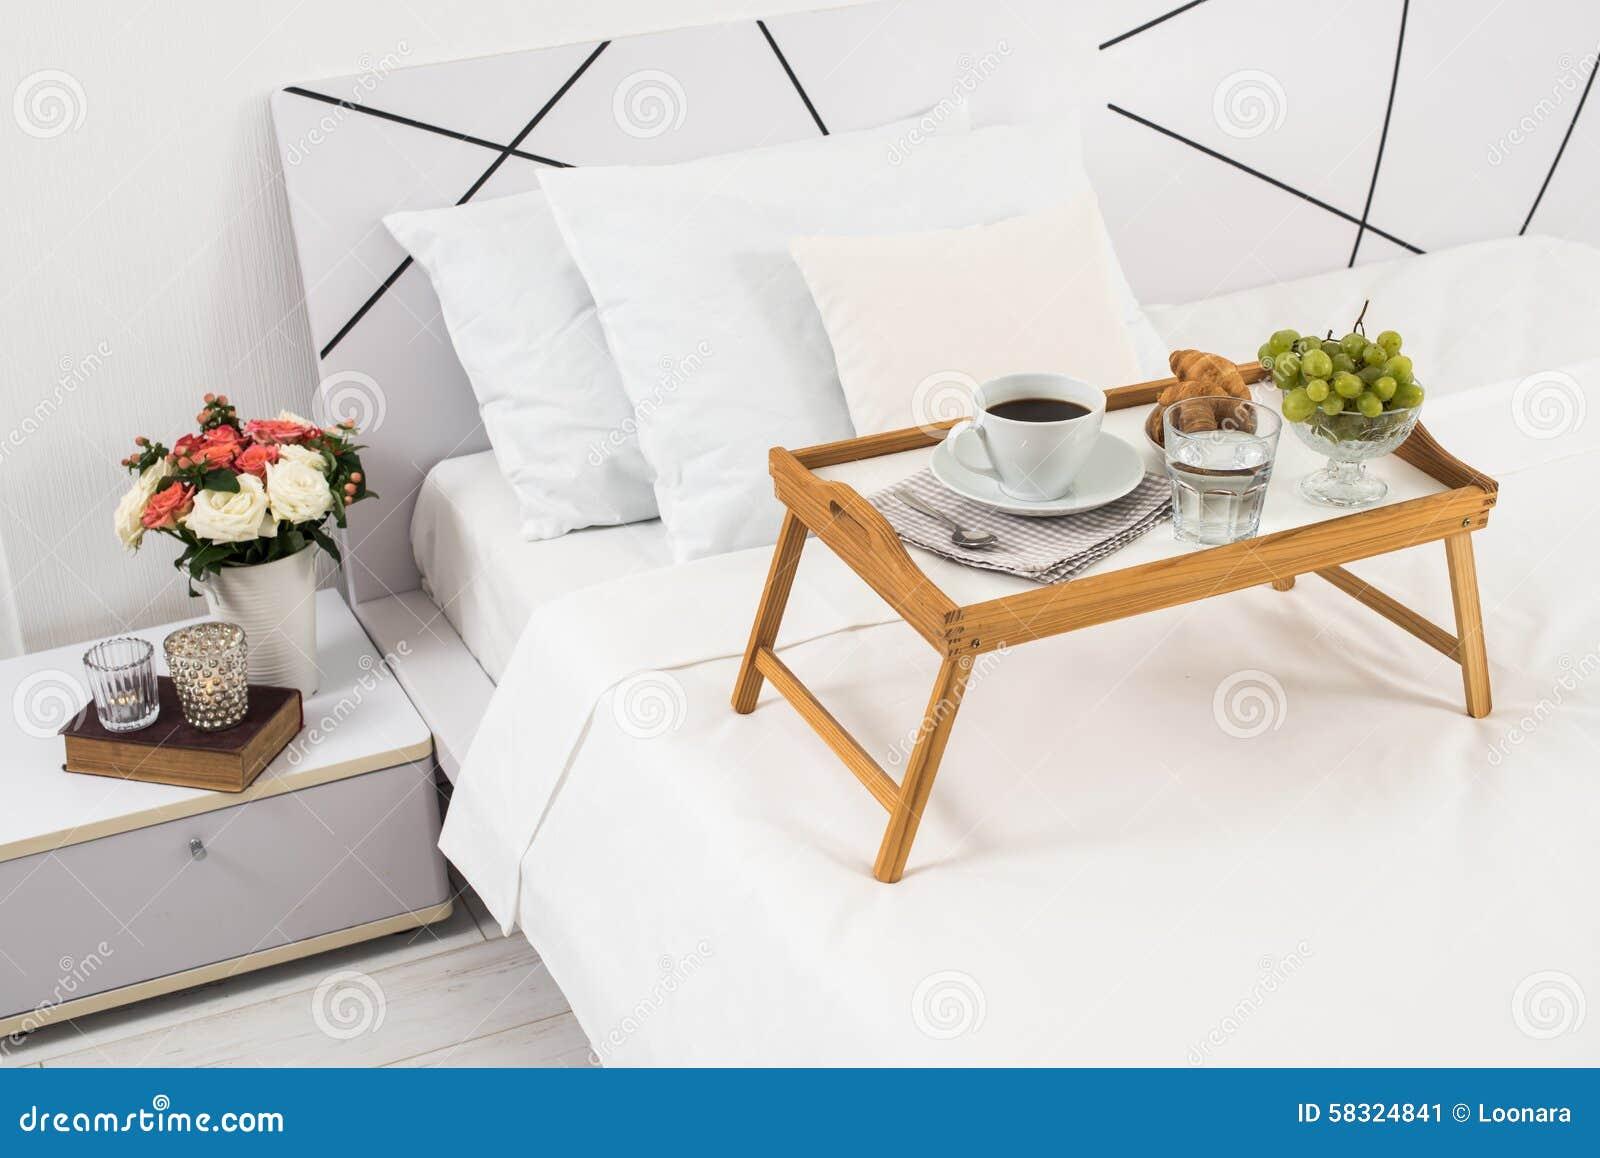 Prima colazione a letto immagine stock immagine di - Colazione a letto immagini ...